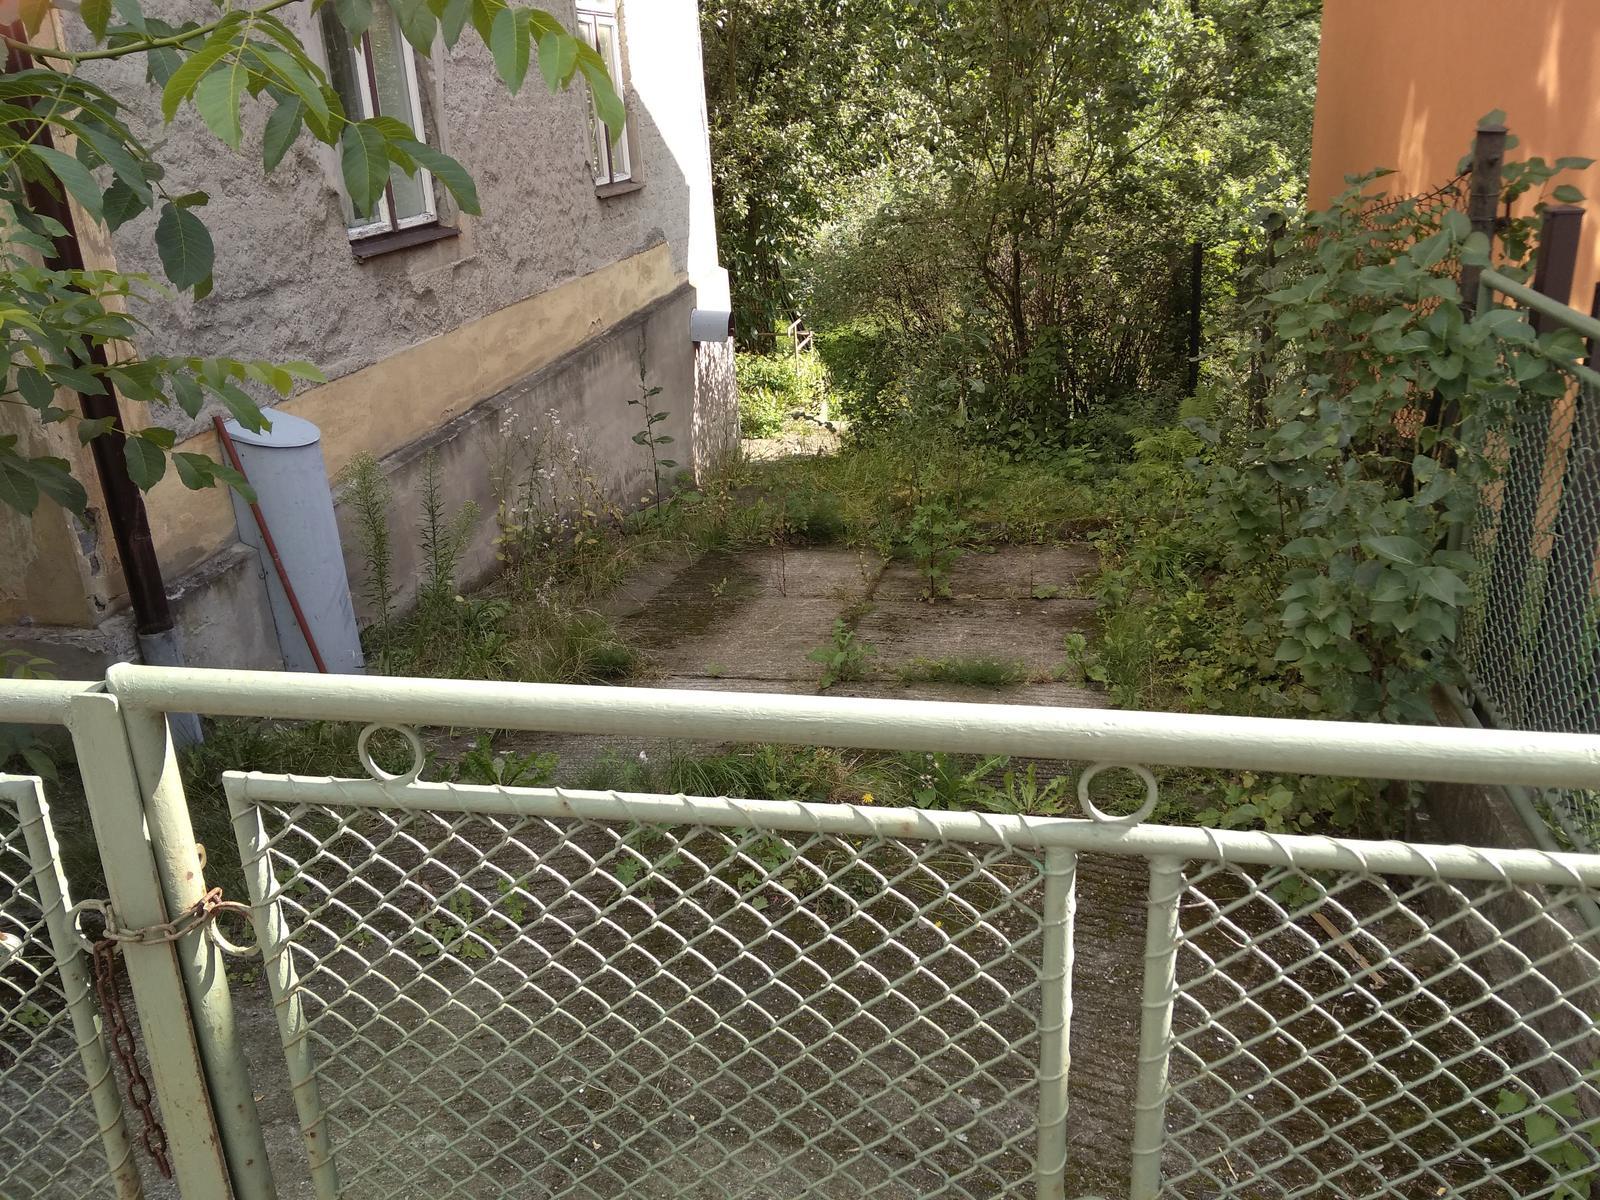 Náš boj - prijazdova cesta z boku domu, ktora bohuzial patri k zadnemu pozemku, no zatial (este aspon najblizsi rok) je to nase parkovacie miesto :D